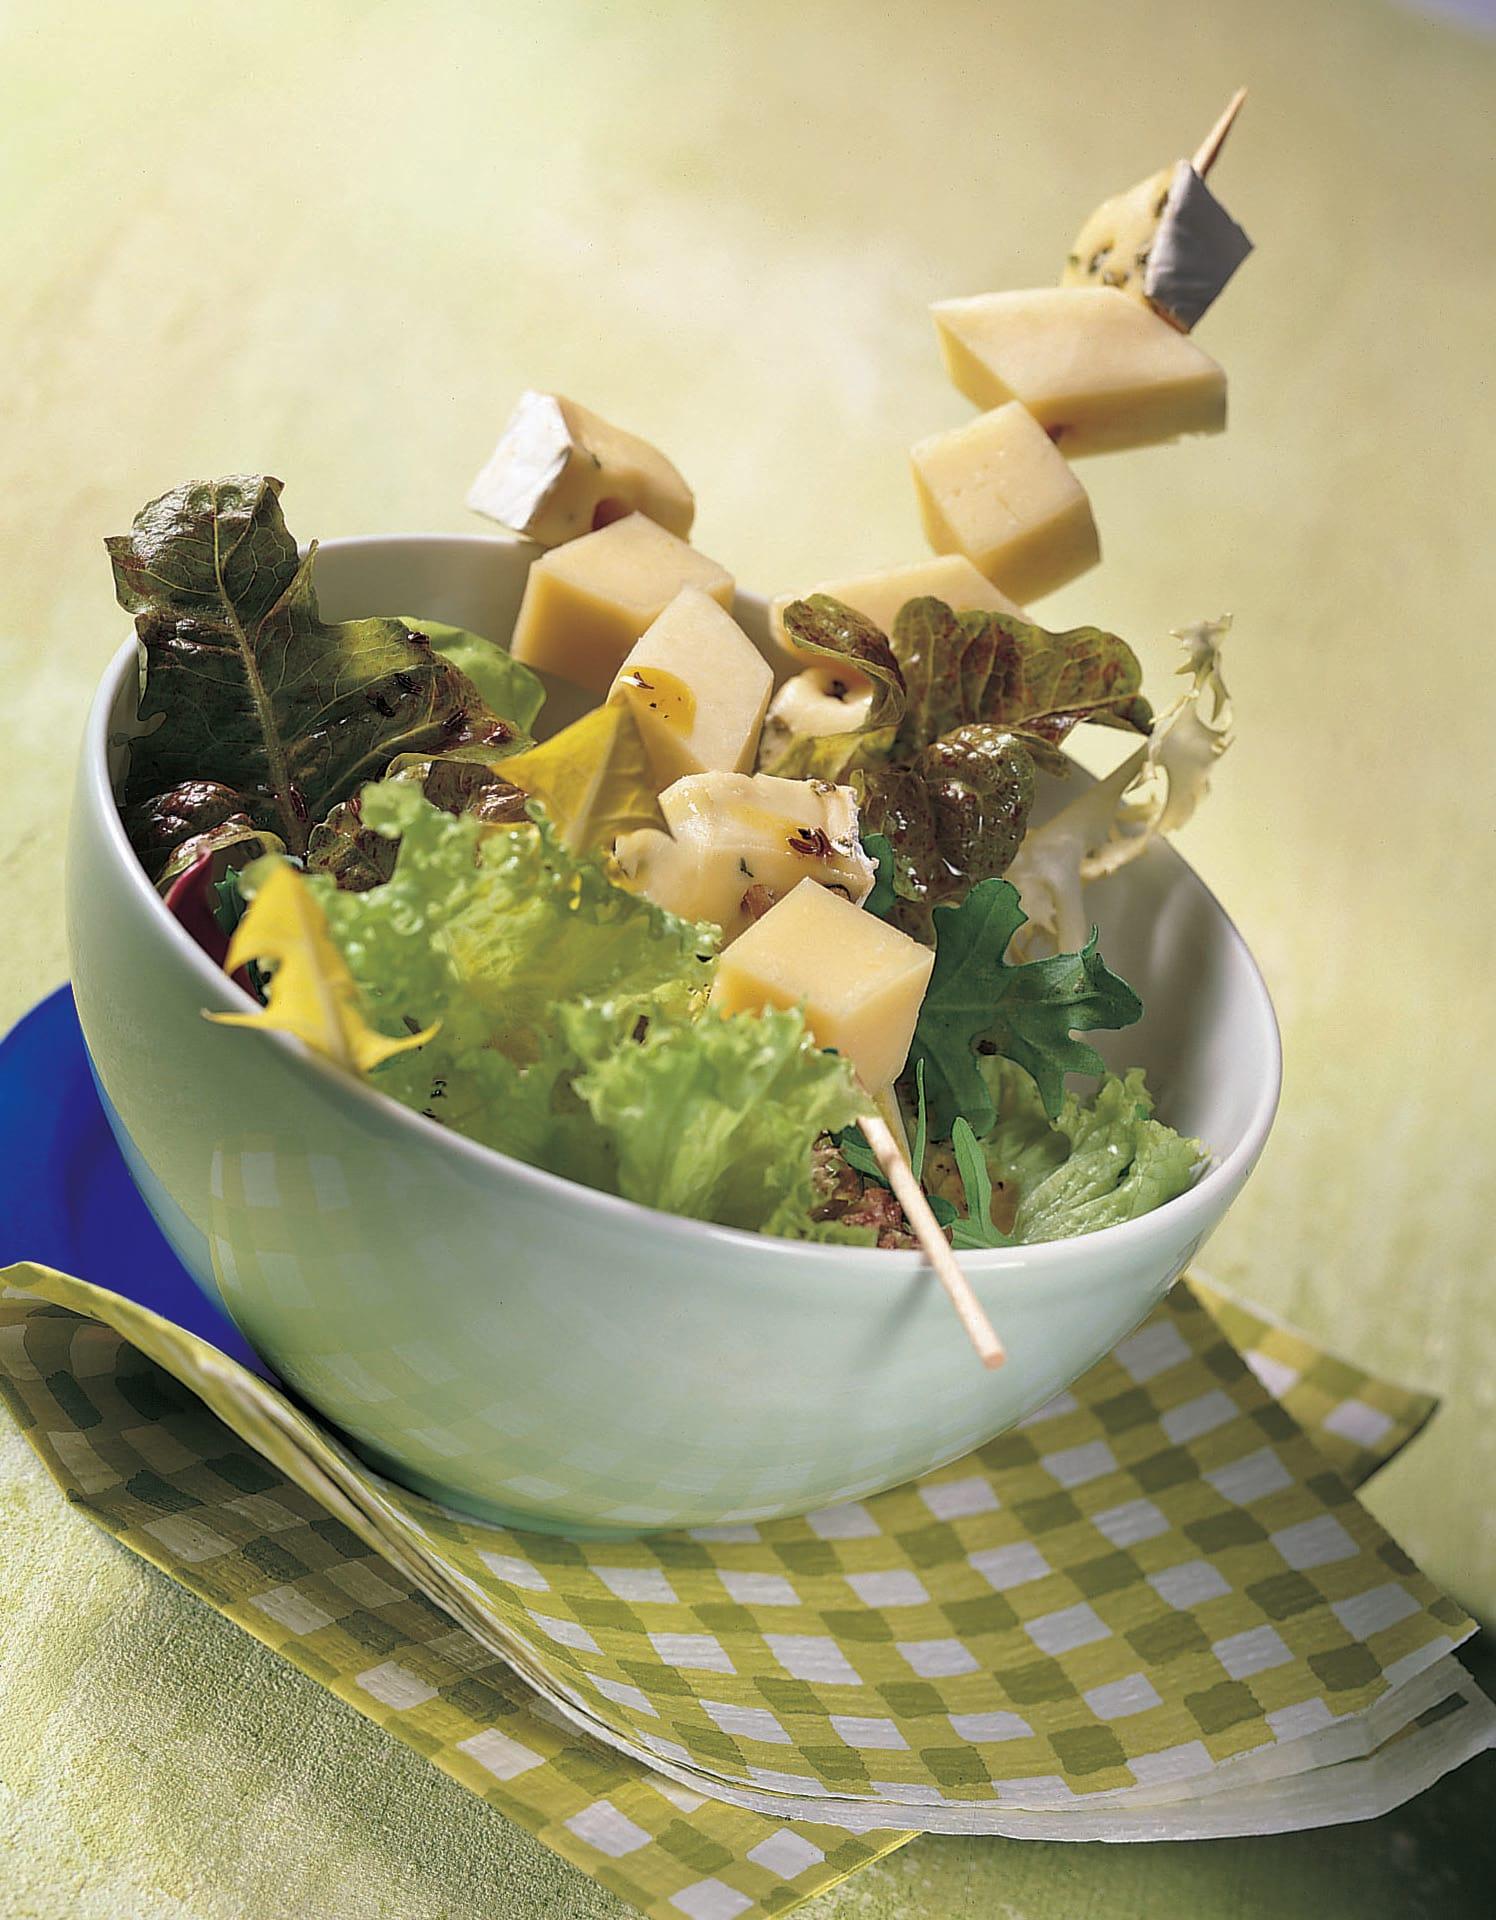 Salat mit Käsespiessen und Kümmel-Vinaigrette